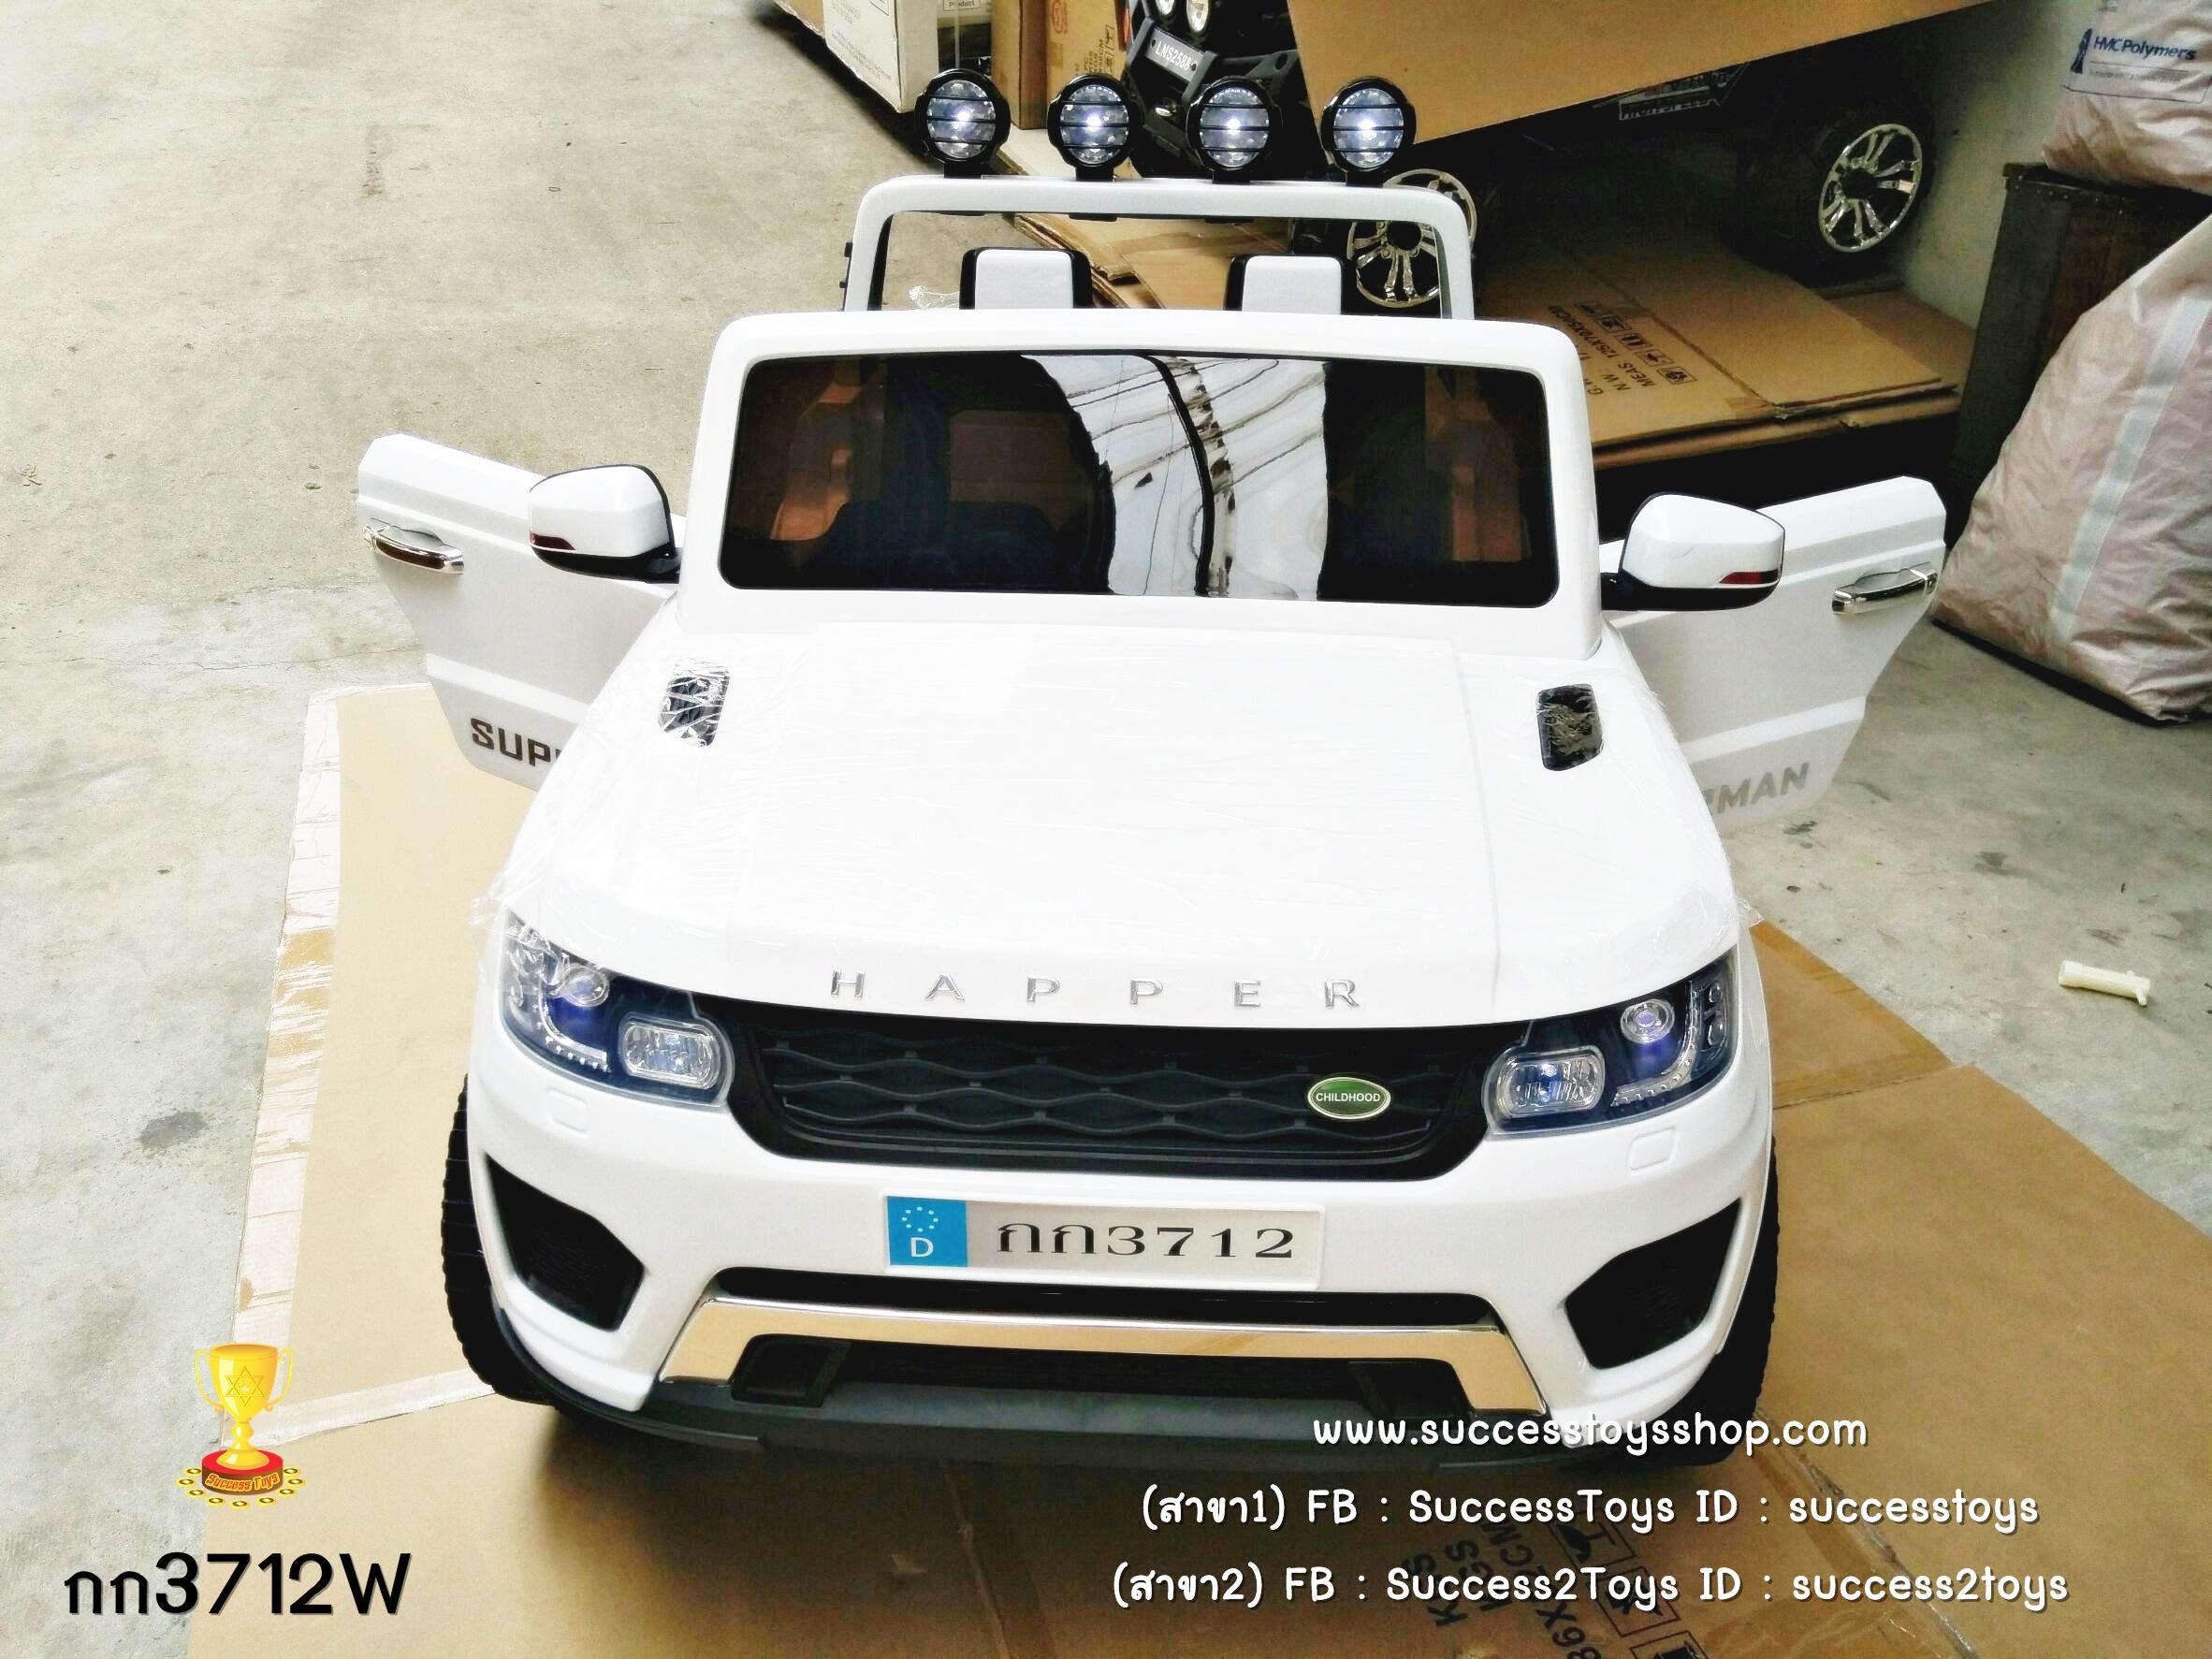 กก3712W รถกระบะแลนโรเวอร์สีขาว